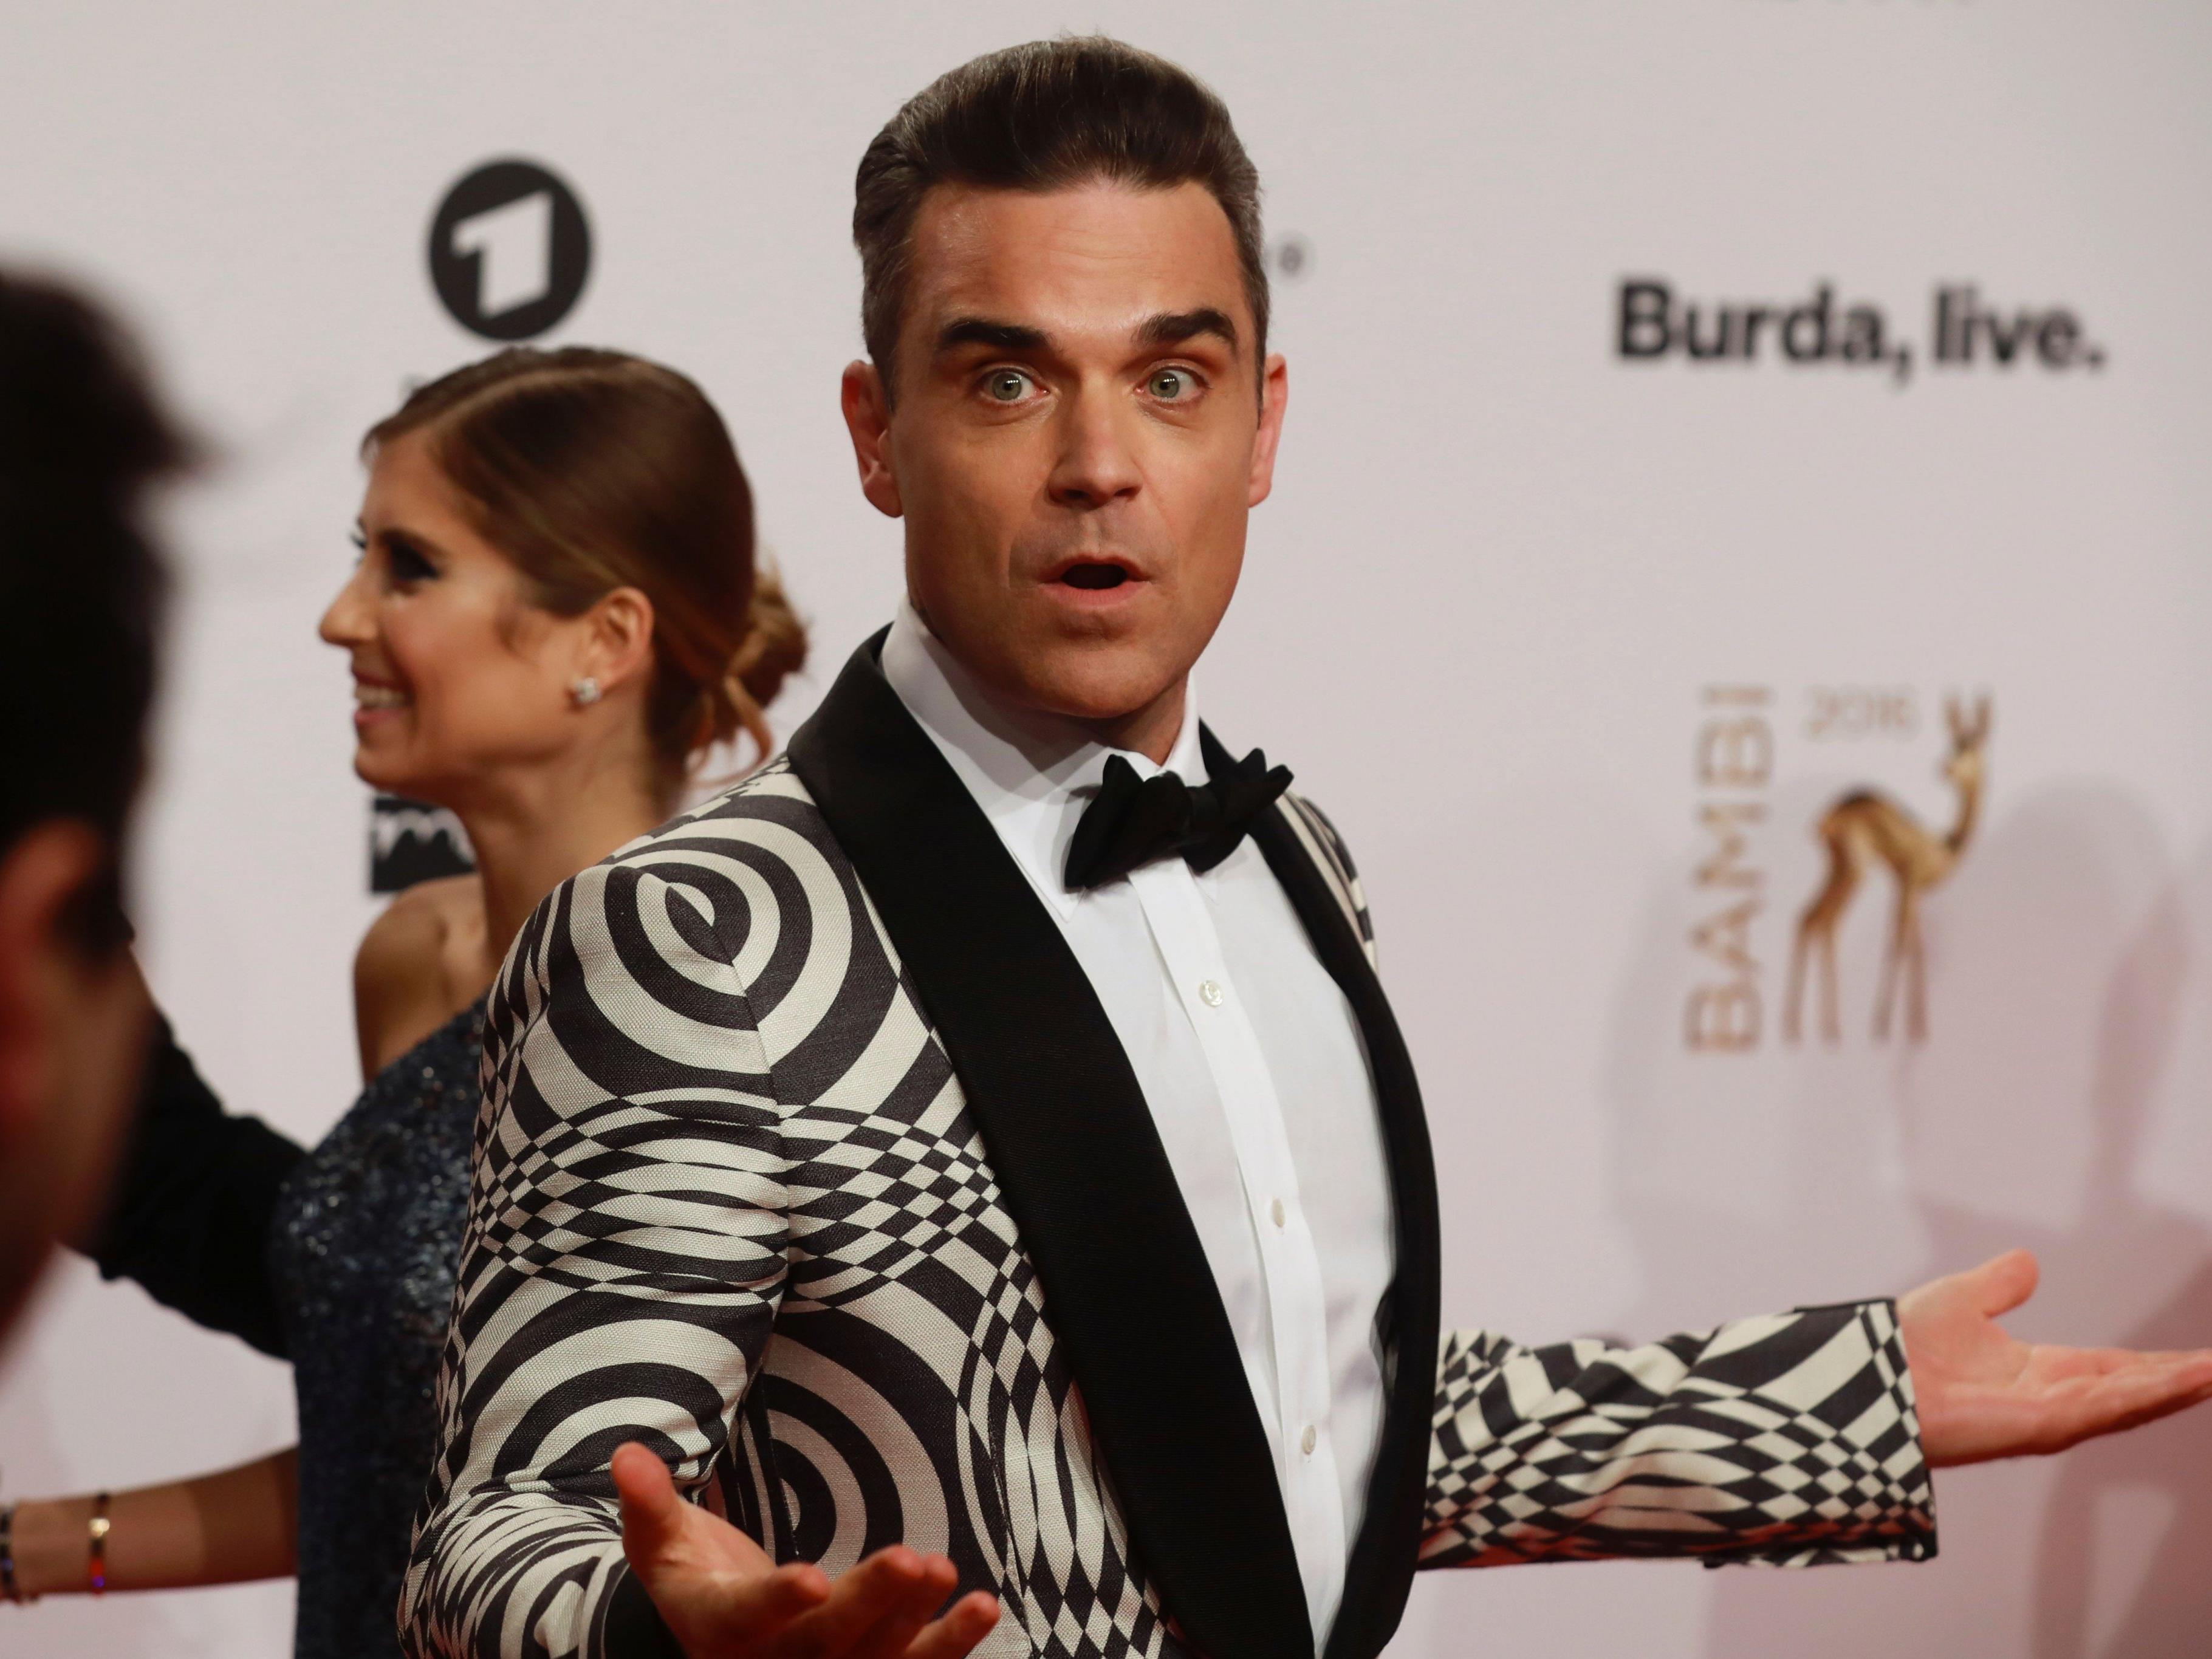 Robbies Ehefrau Ayda Field machte ein Geständnis, das wohl kein Mann gerne hört.